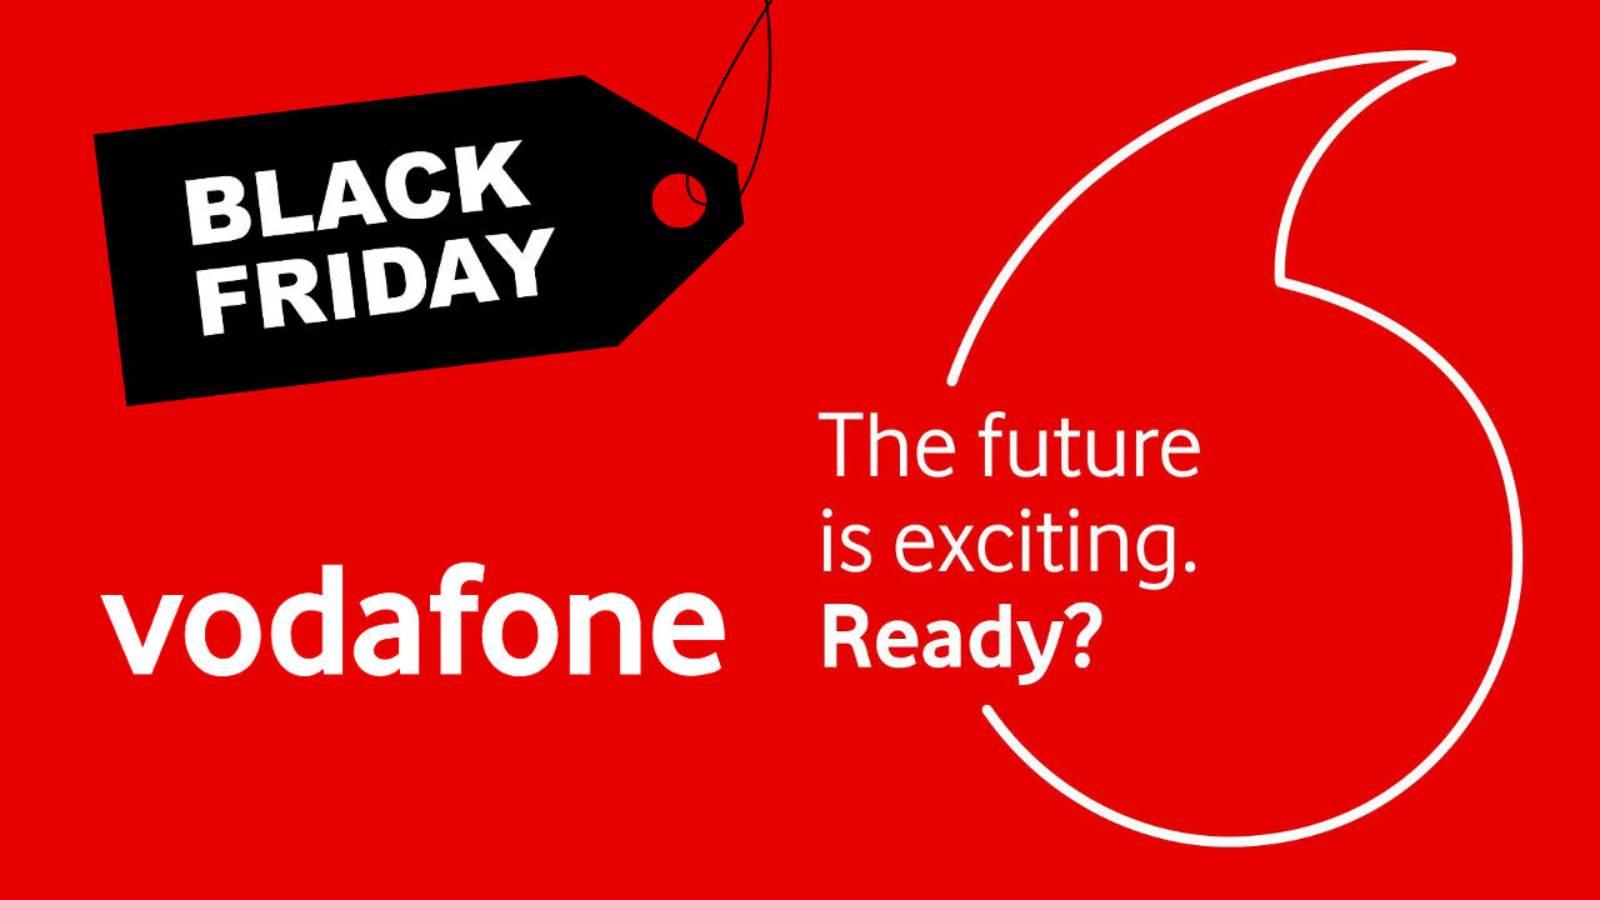 Vodafone UPC BLACK FRIDAY 2019